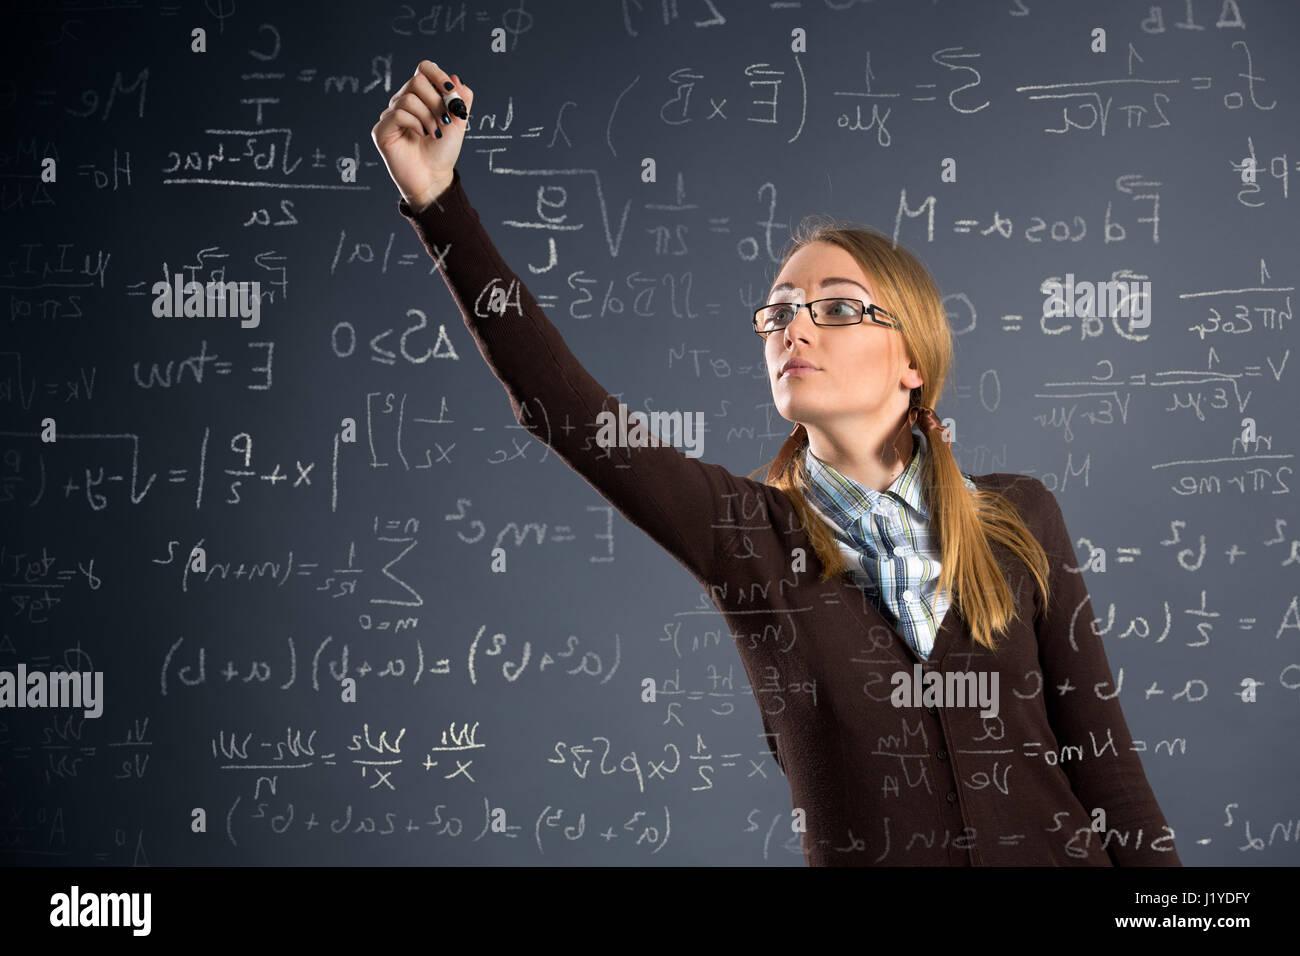 Les affectations de travail d'écolière en mathématiques sur mur transparent Photo Stock